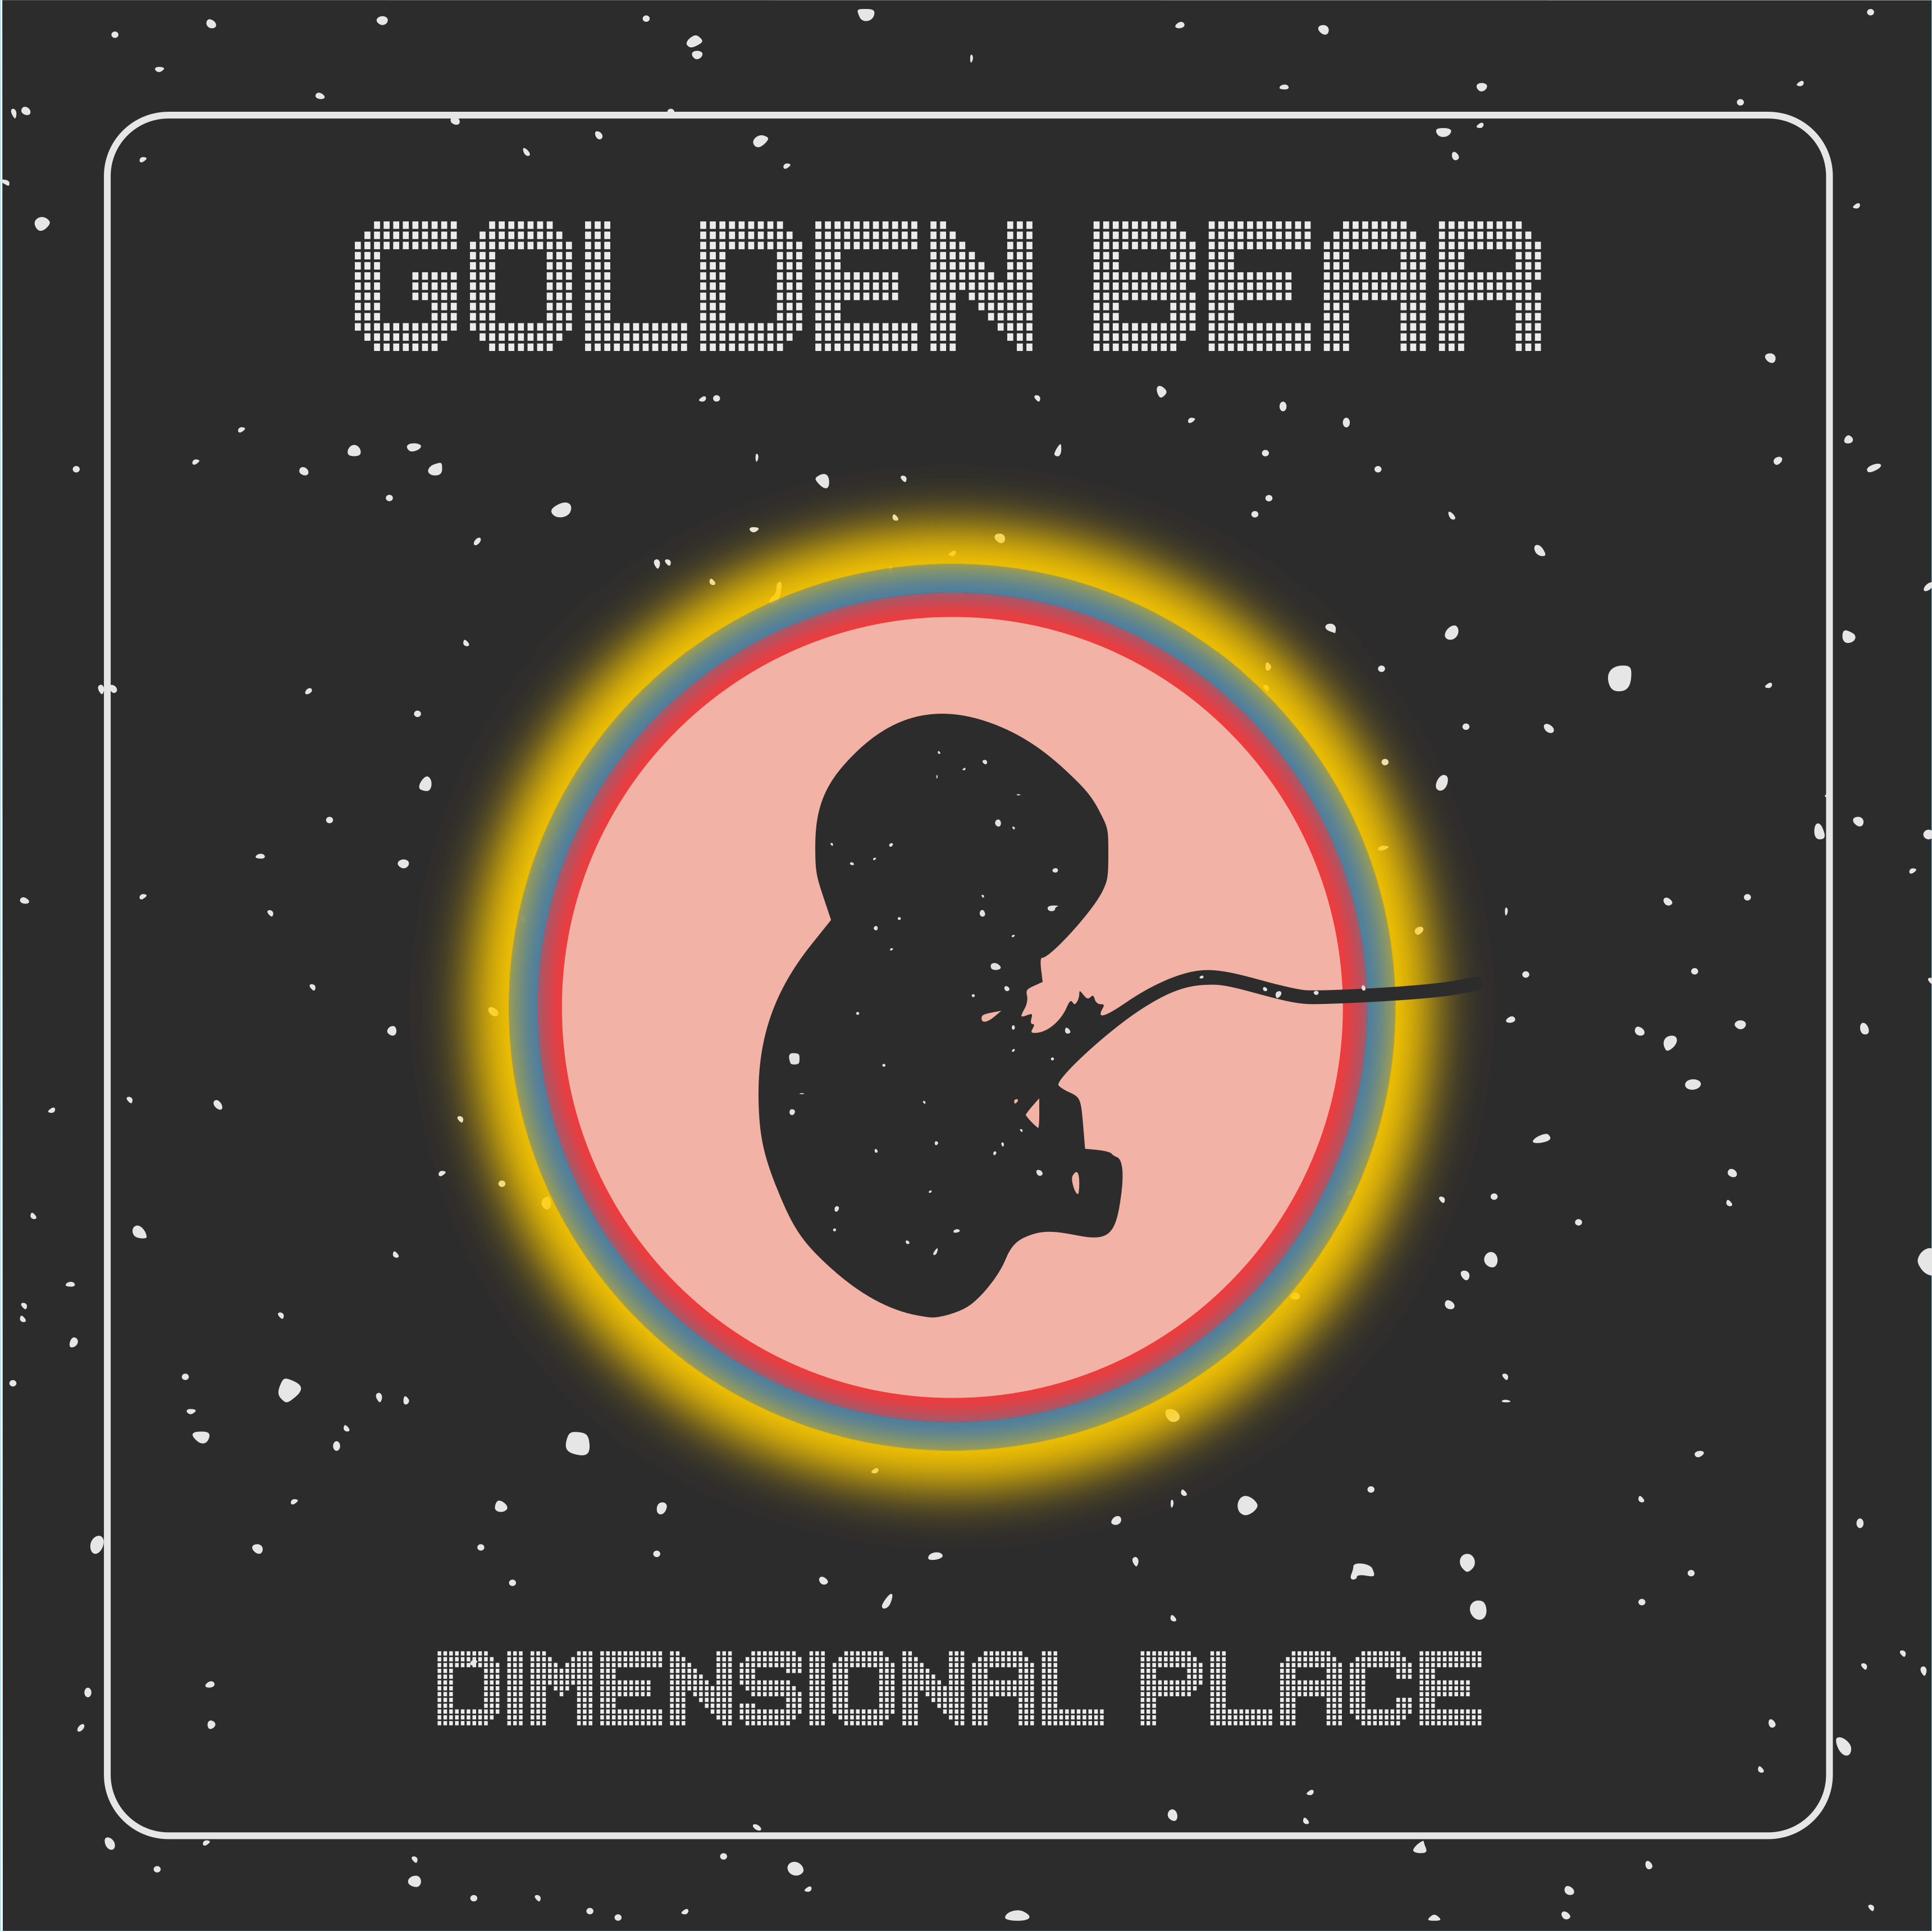 GoldenBear_DP